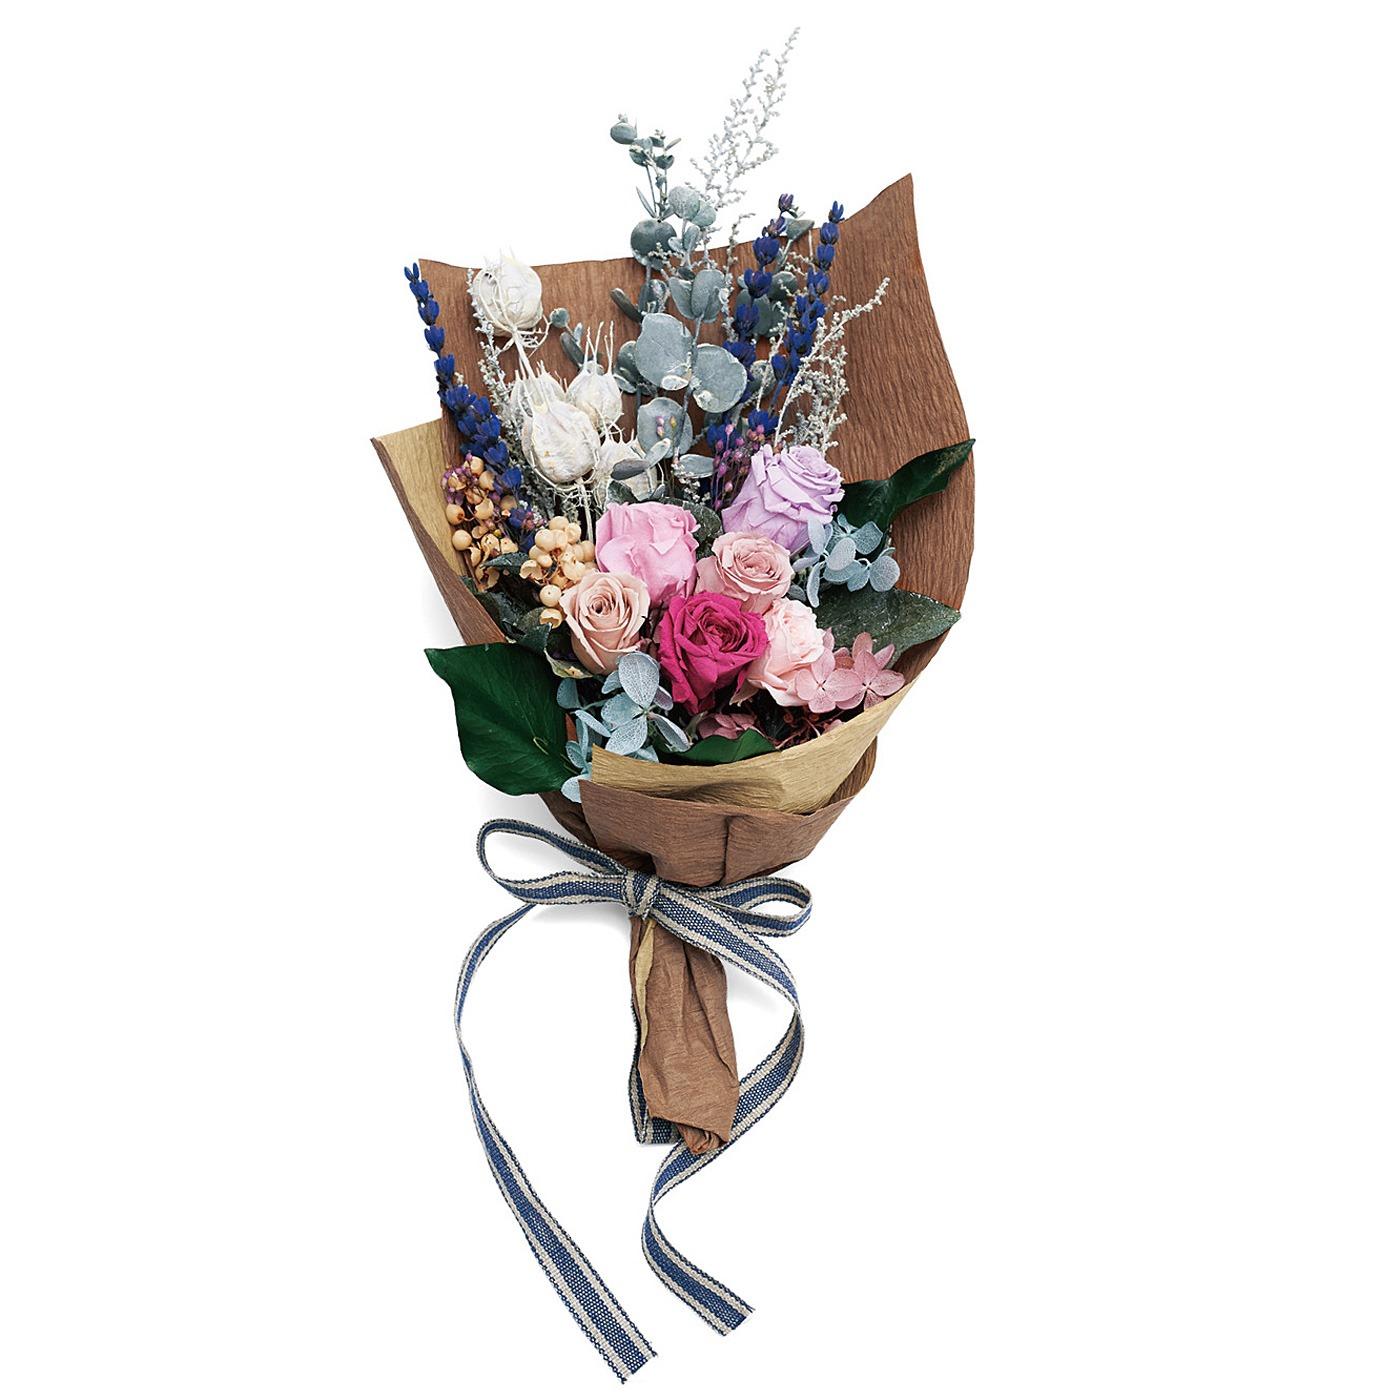 プリザーブド加工とは? 特殊な加工液につけ、生花の持つ水分と入れ替えて生花のみずみずしさを長くキープできるのが特徴です。